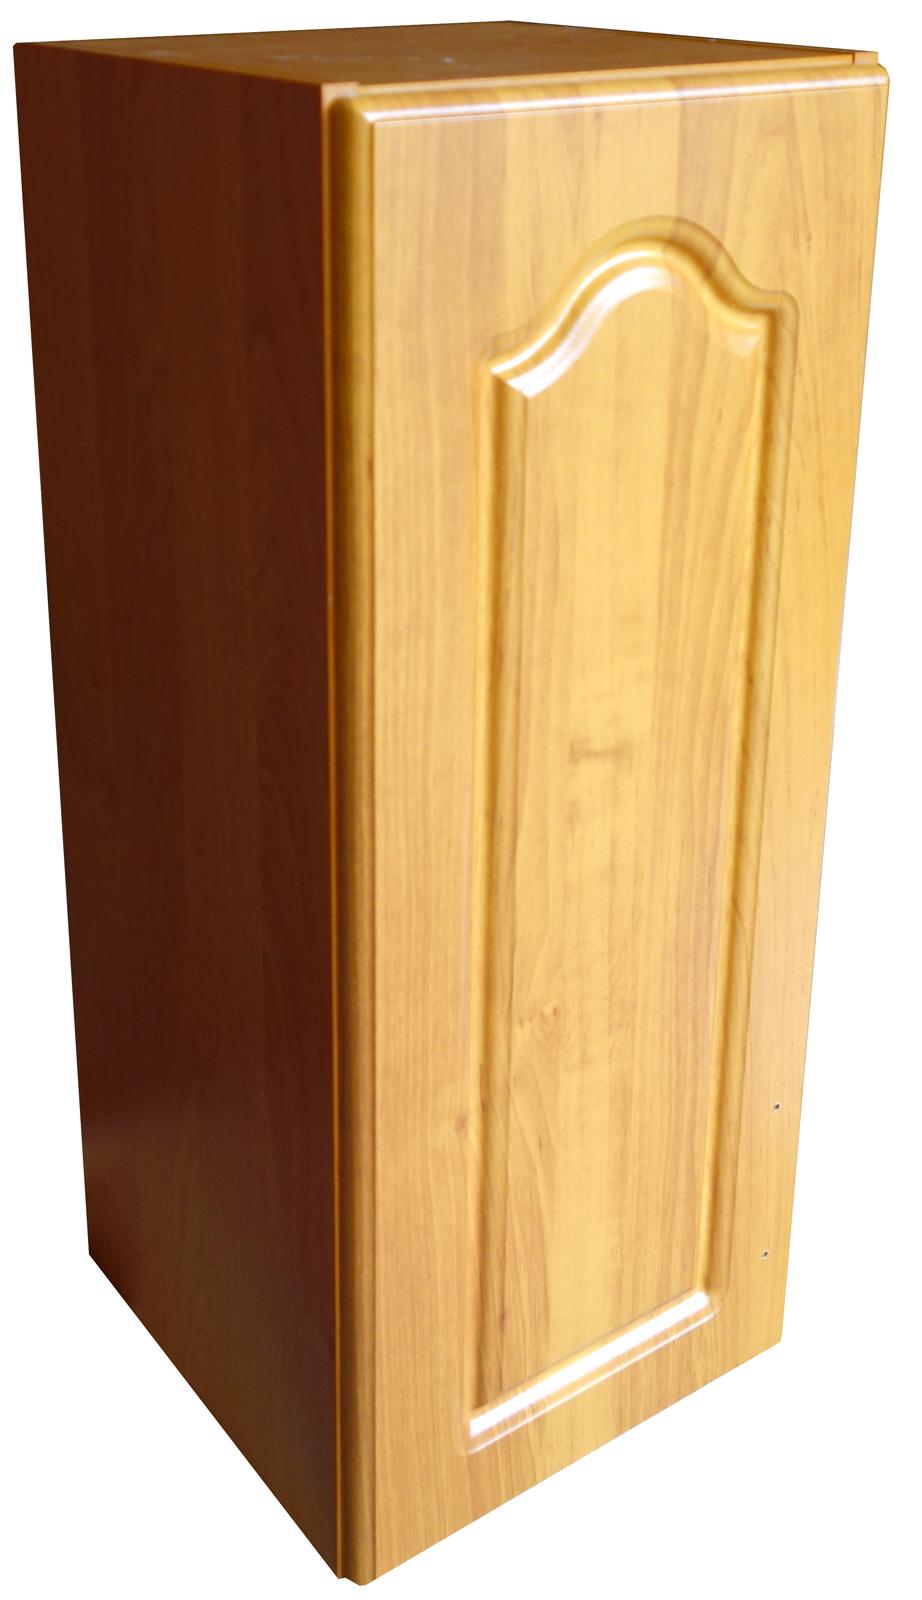 Horní kuchyňská skříňka 30 cm pravá - výprodej